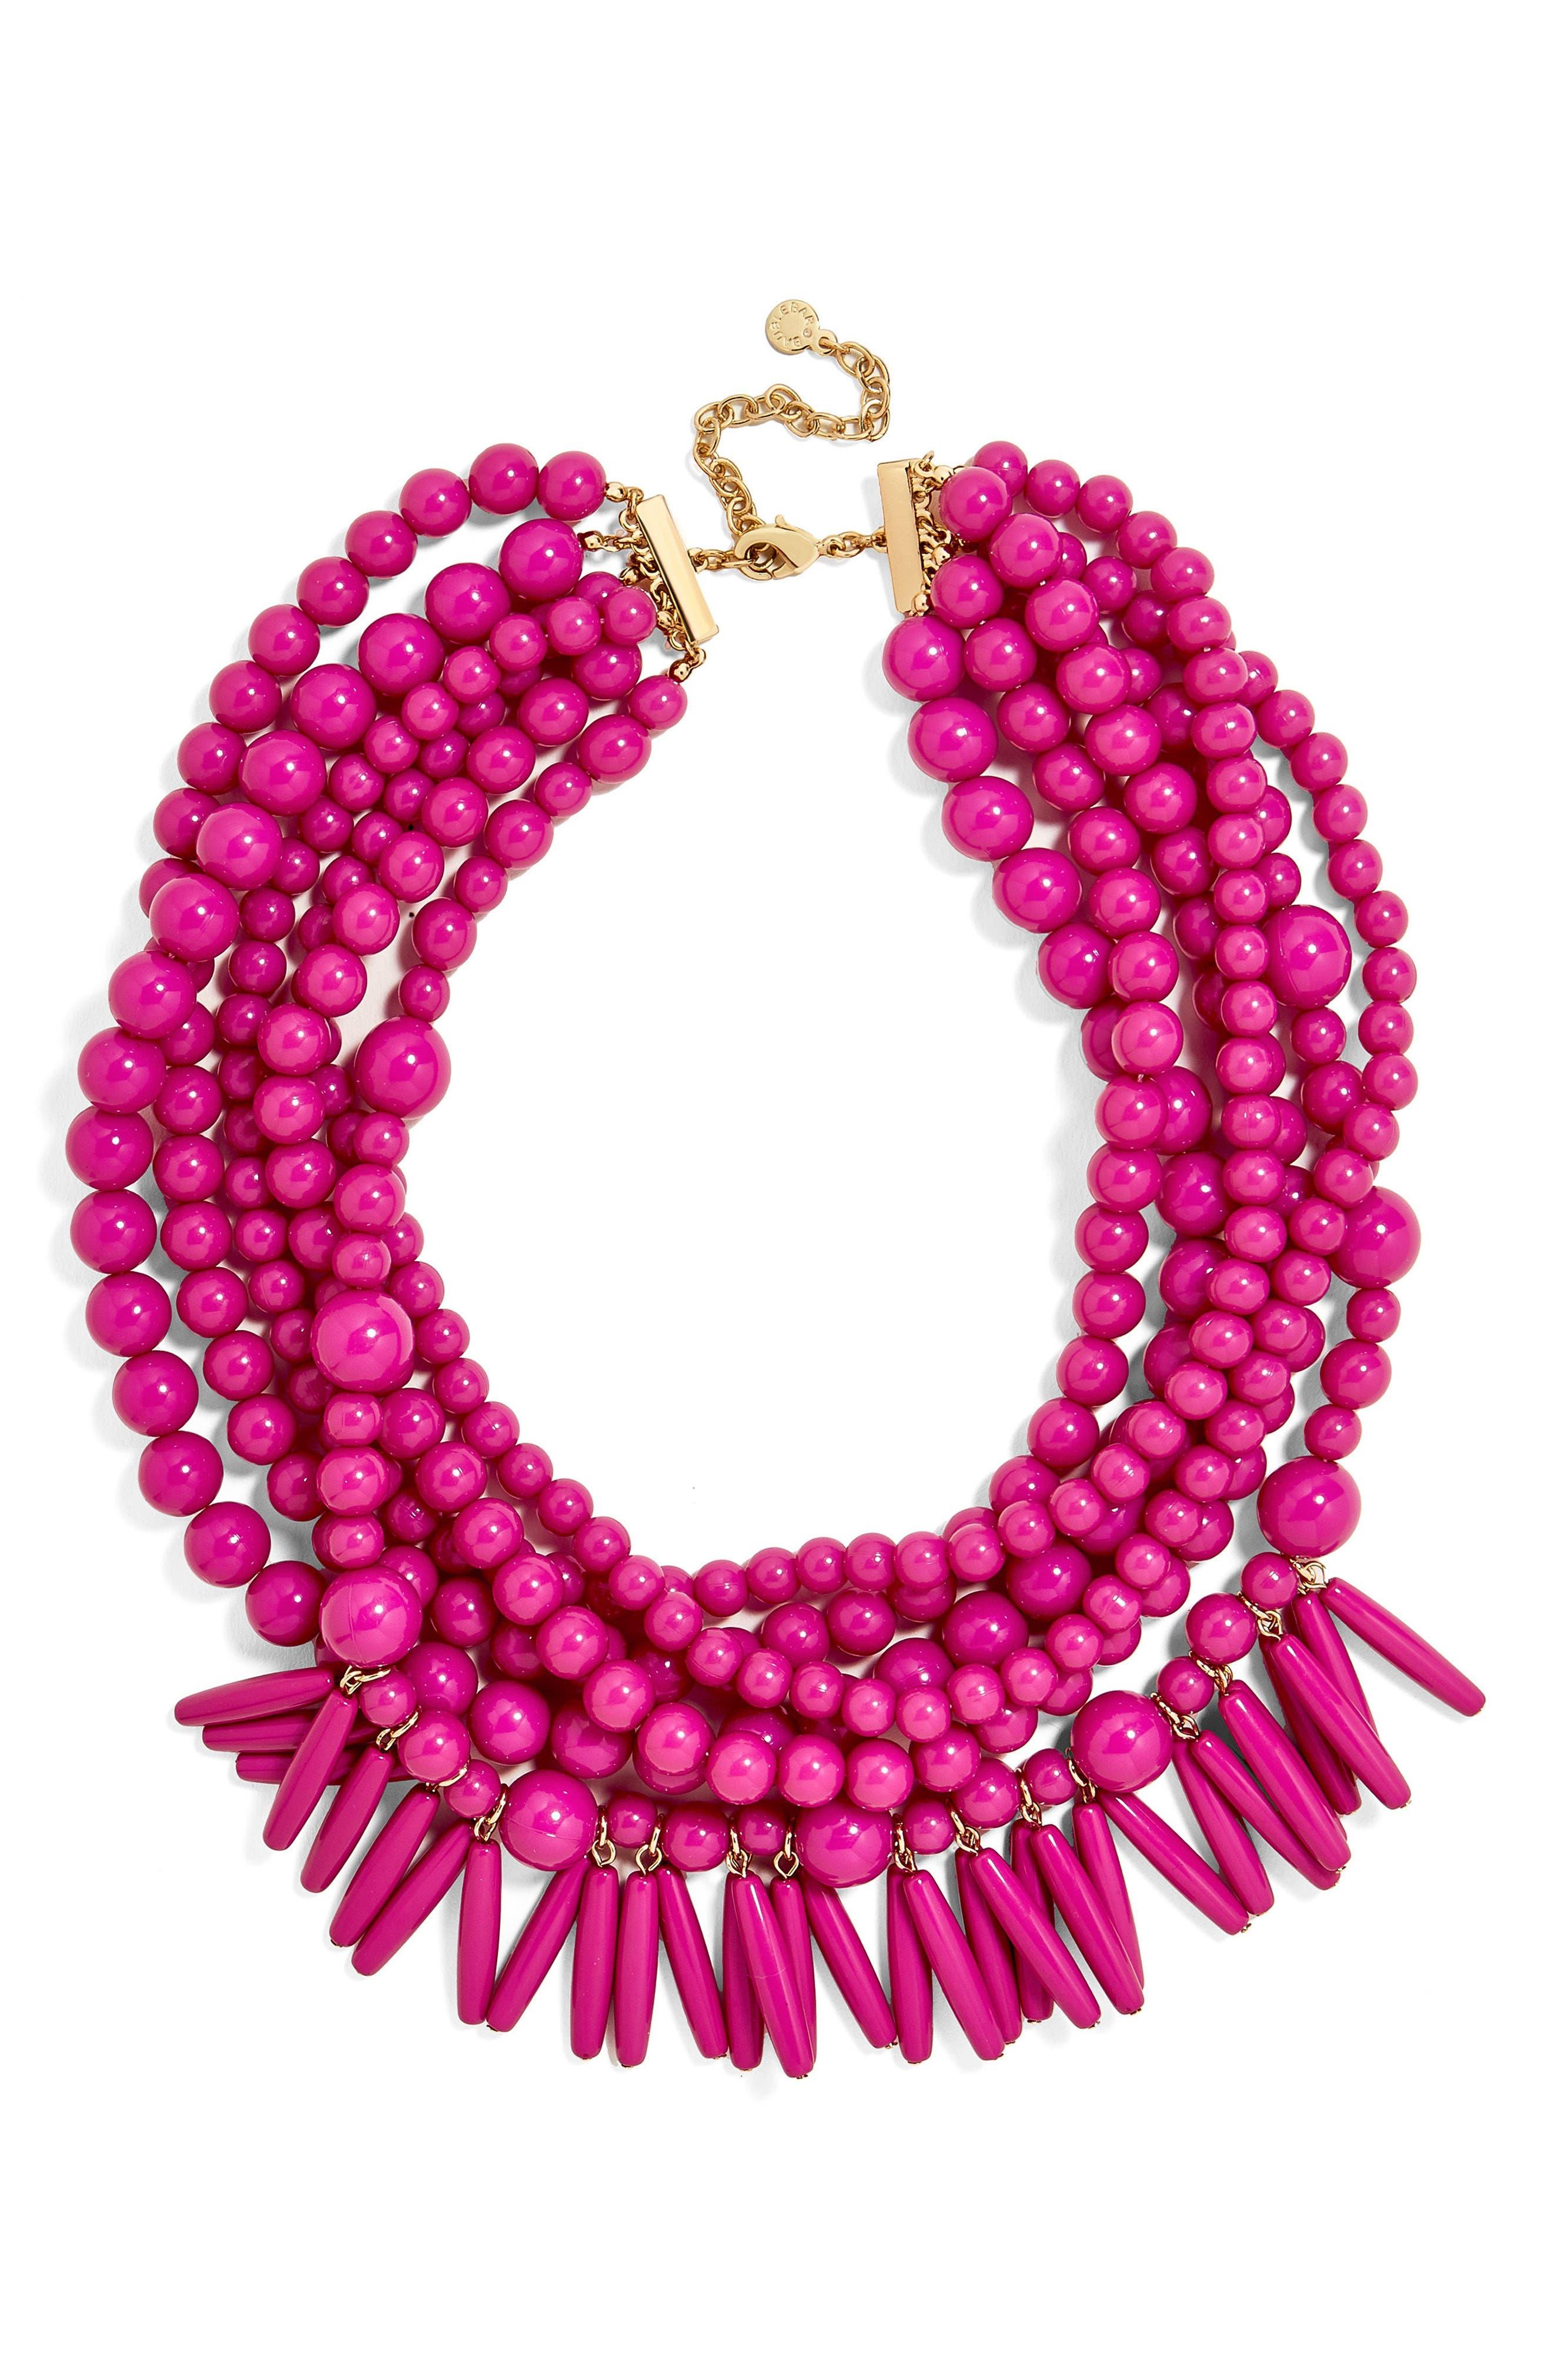 Malibu Beaded Necklace,                         Main,                         color, Fuchsia